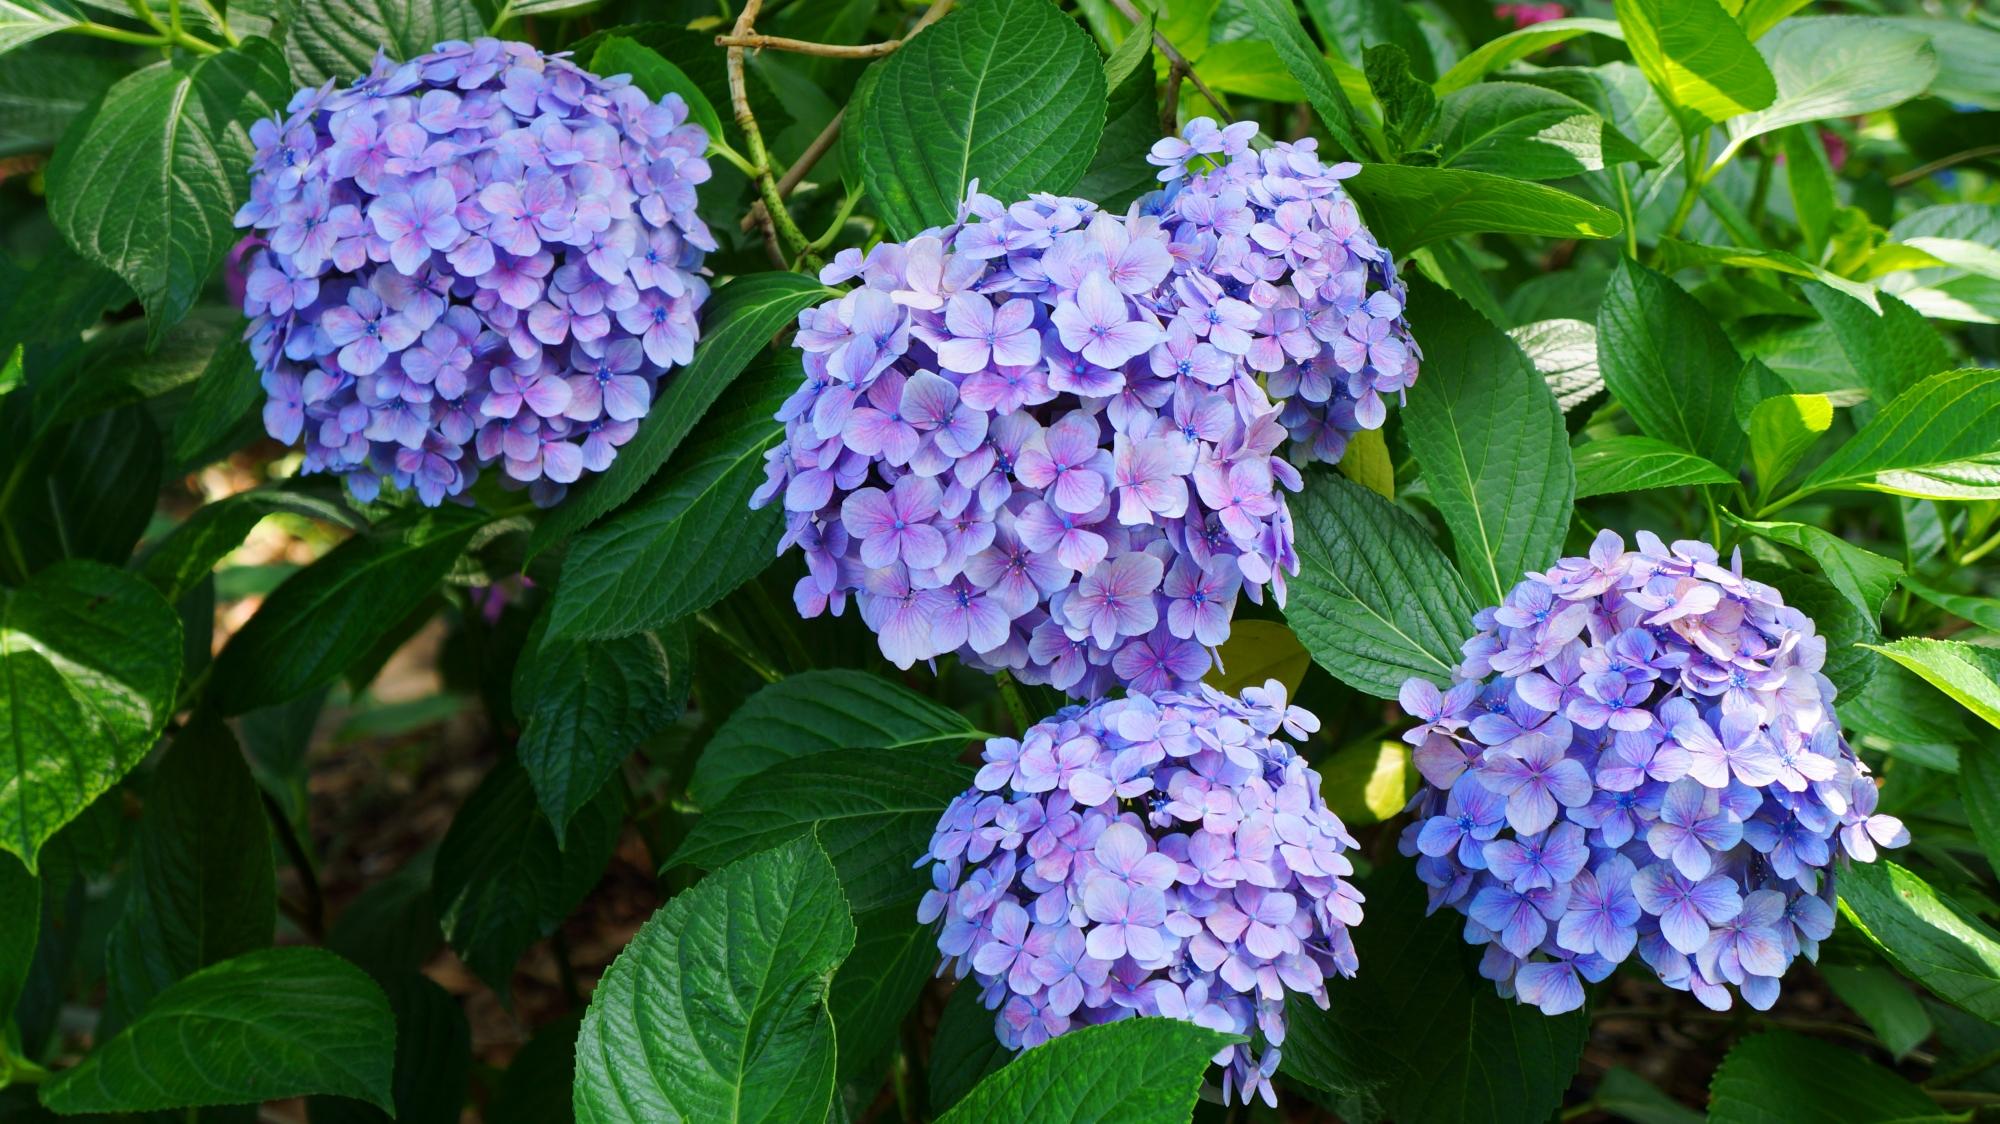 淡い紫色のしっとりとした雰囲気の紫陽花